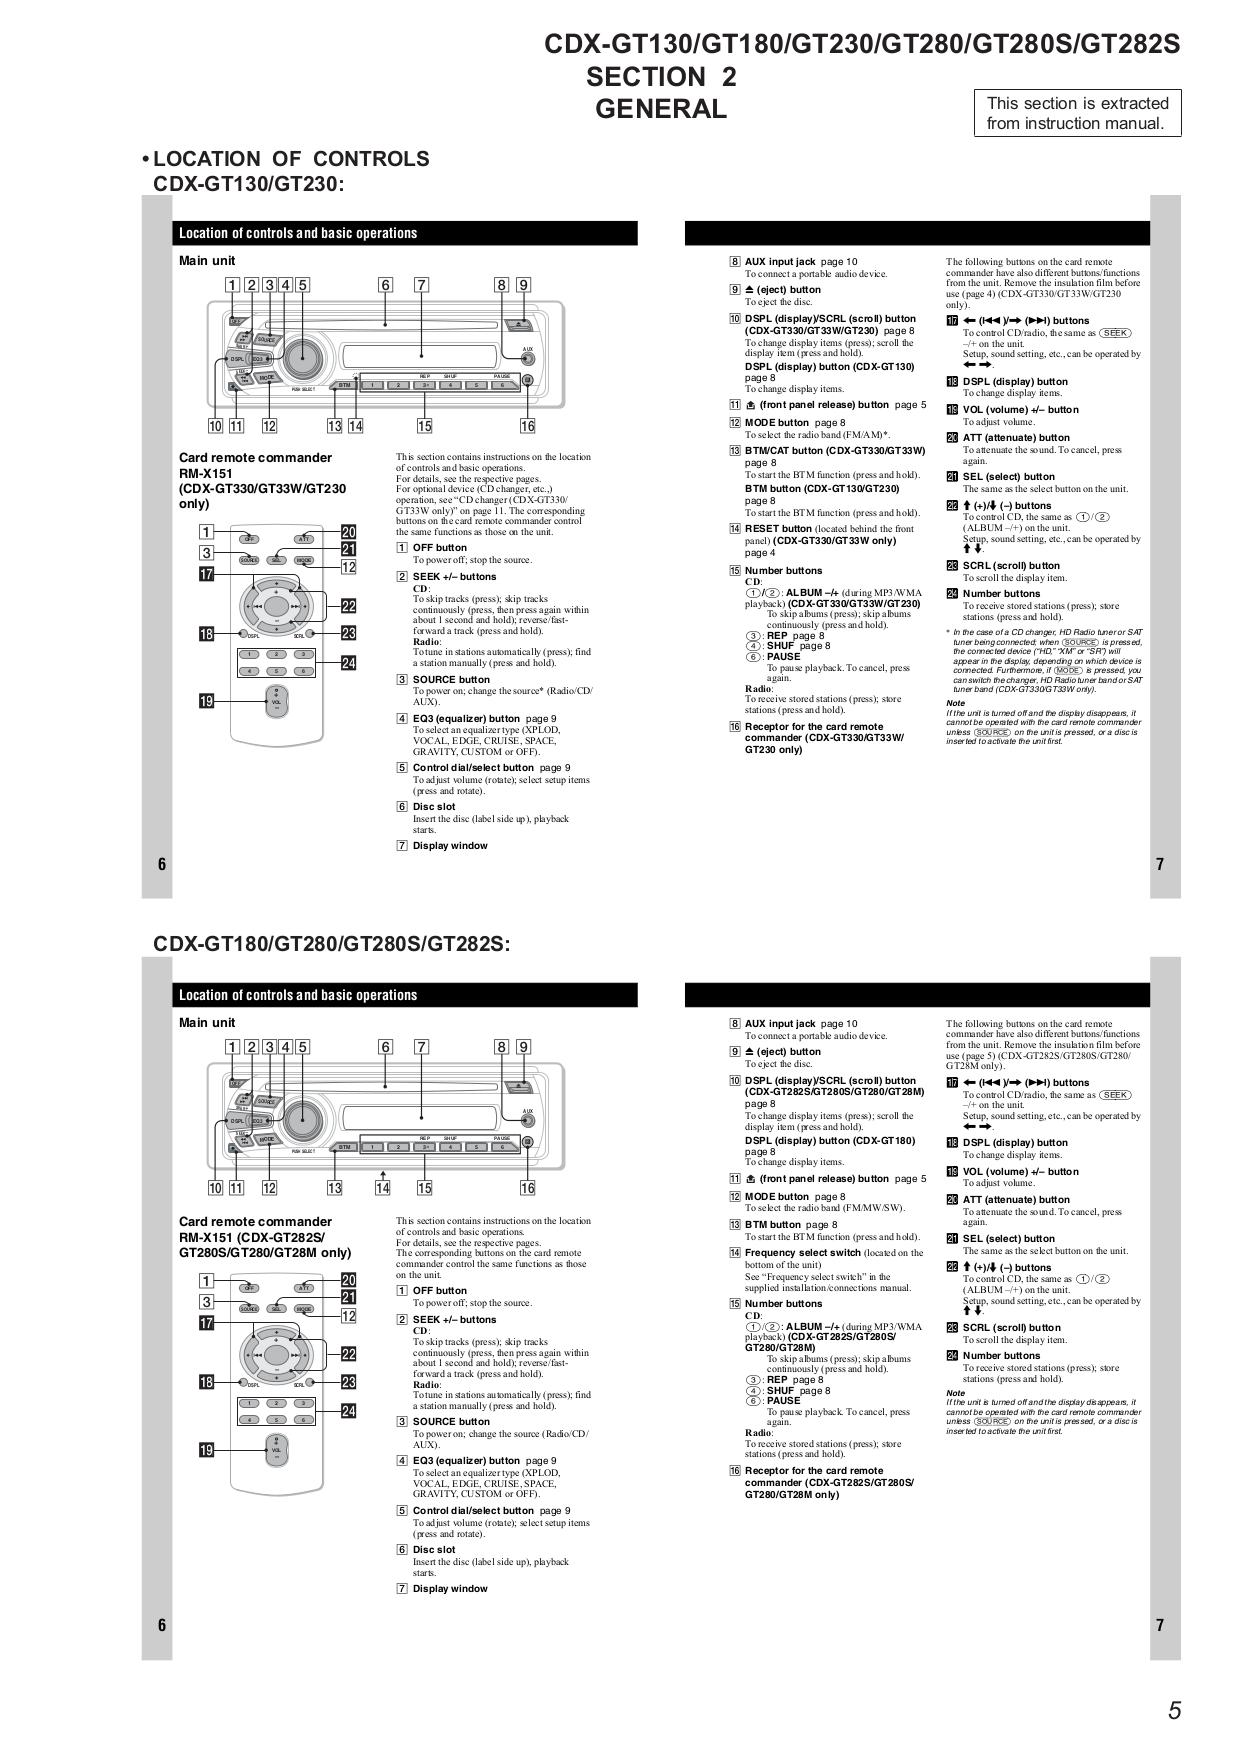 Sony Cdx Ca400 Wiring Diagram from diagramweb.net